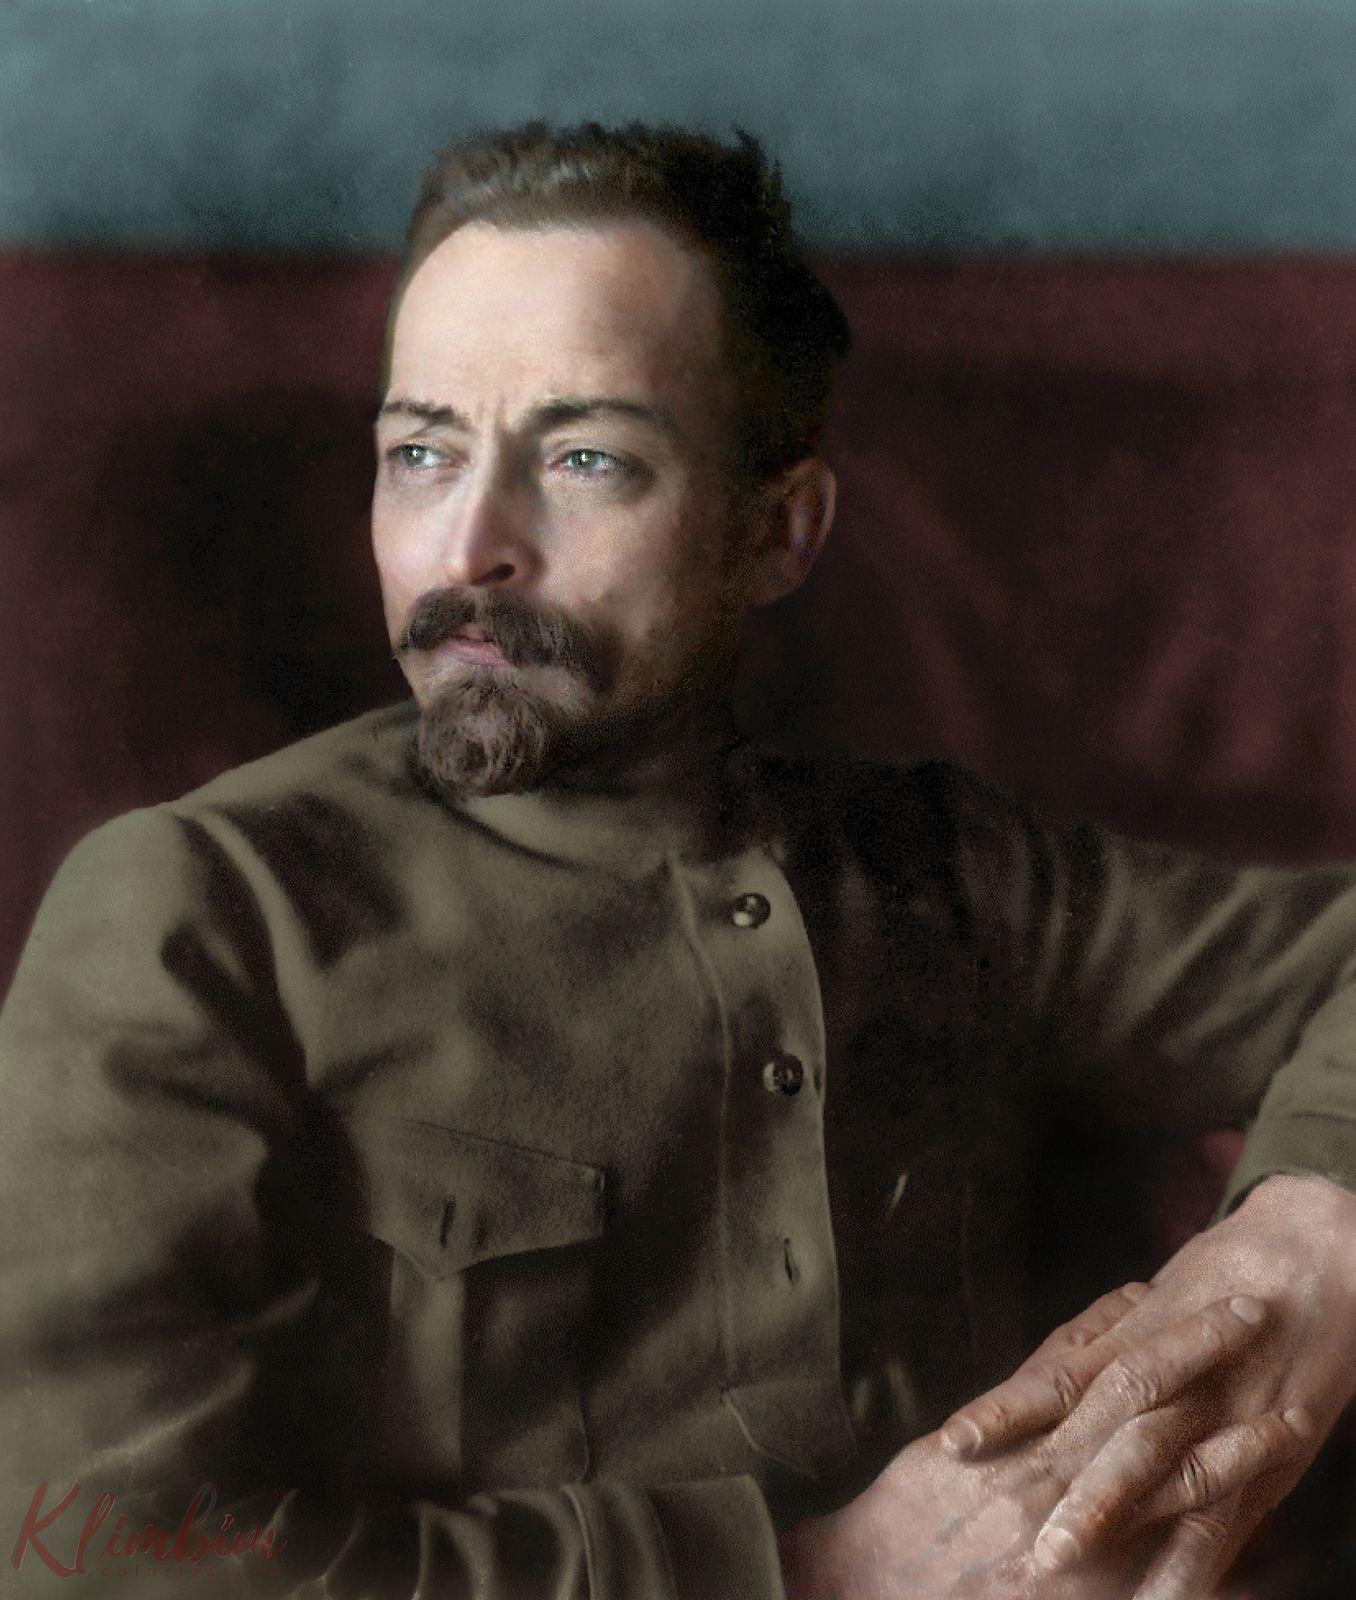 помічник інформація фотографии русских революционеров наборе